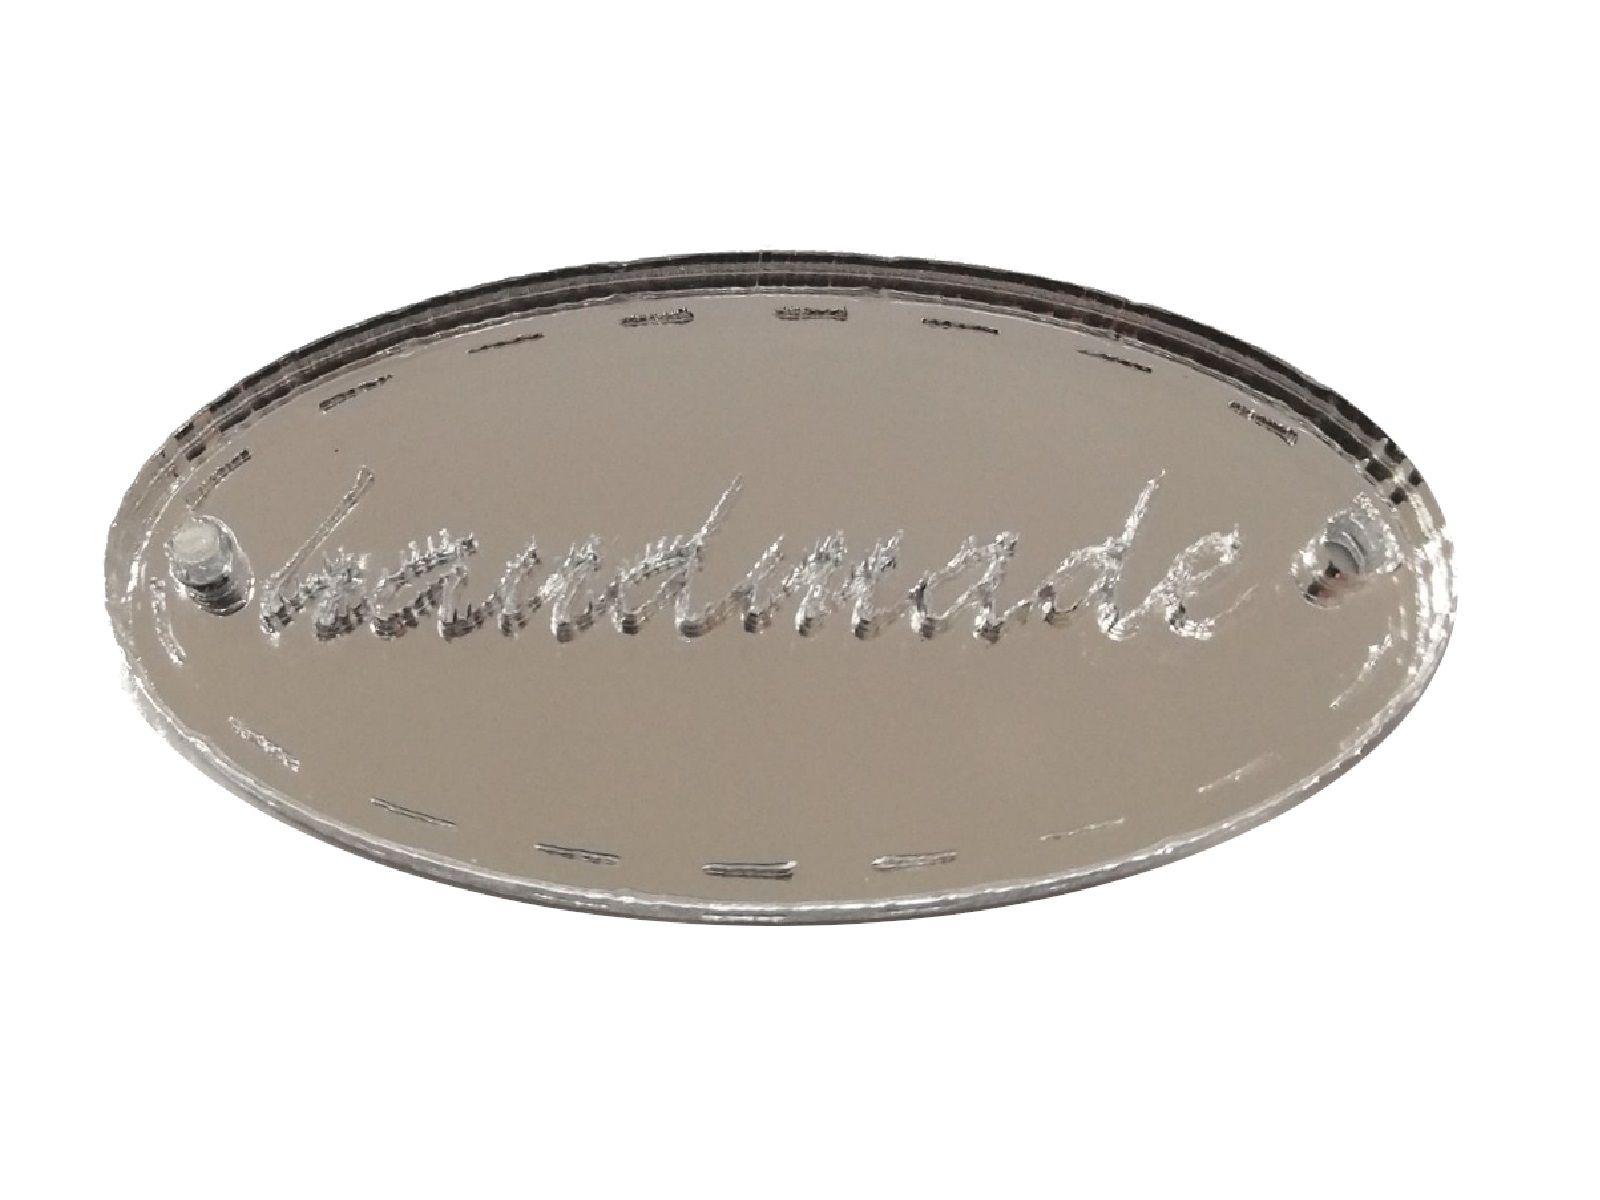 Ταμπελάκι Handmade καθρέφτης οβάλ 2,5cm